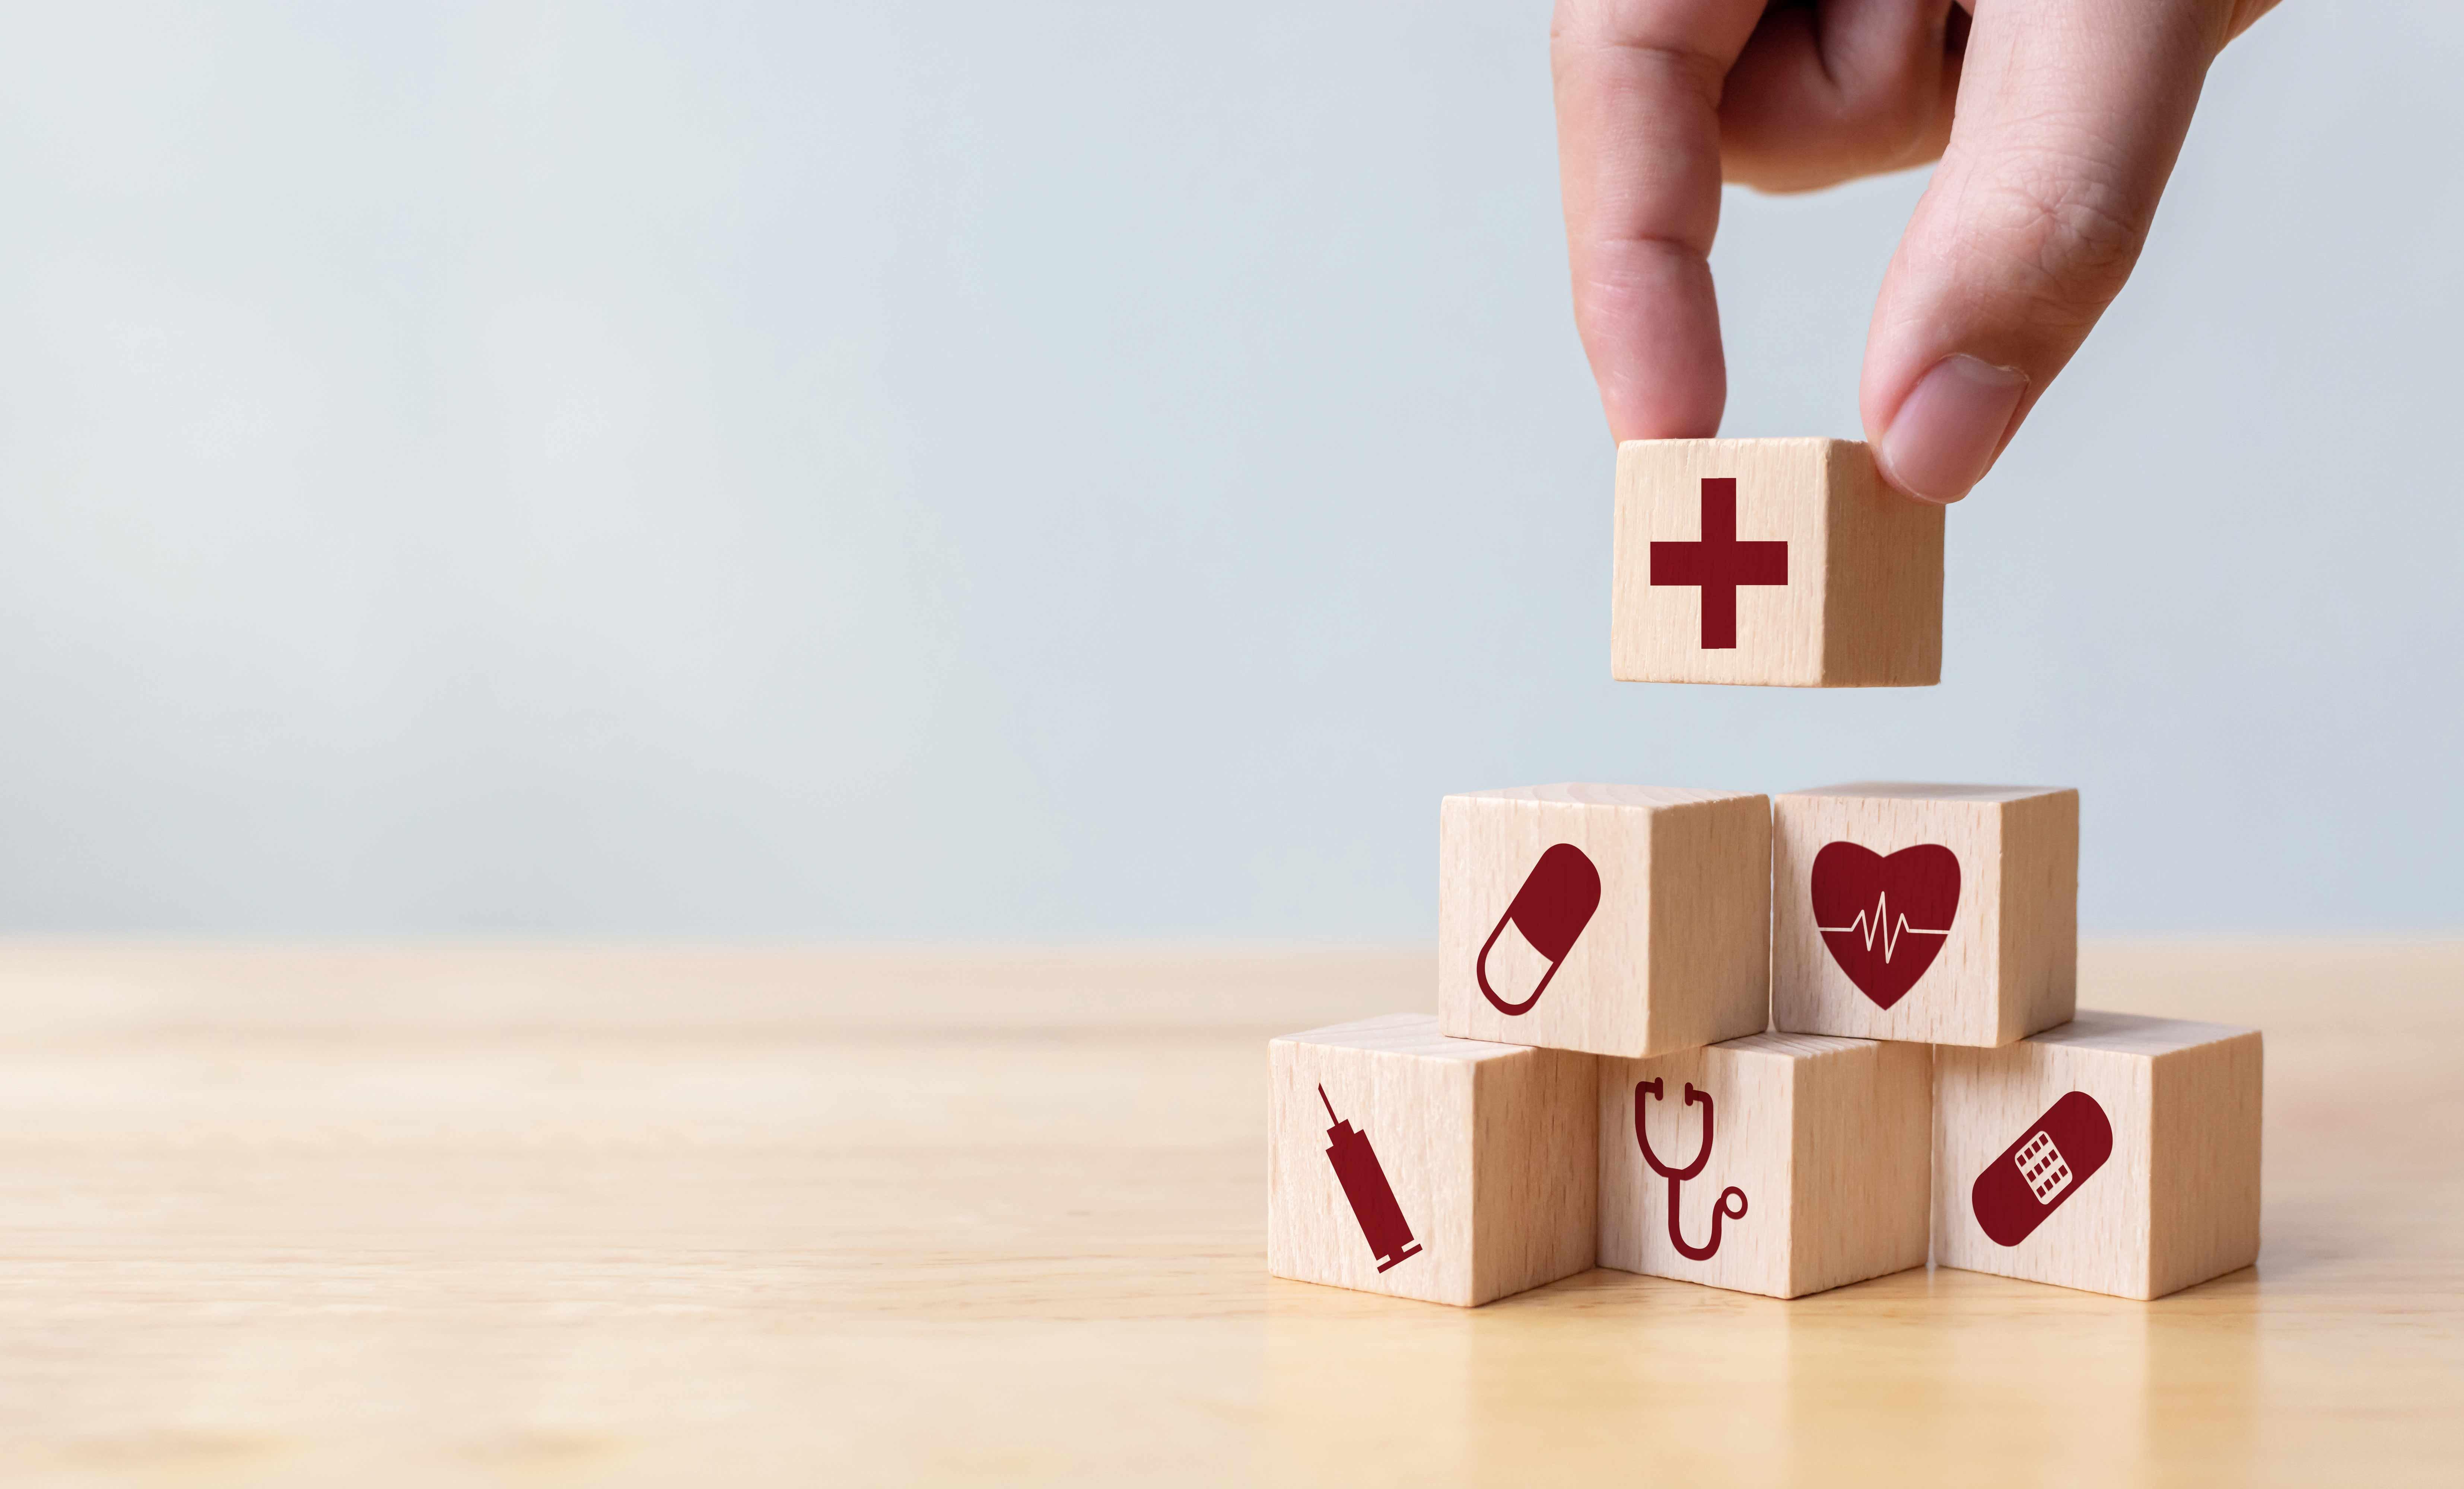 los-programas-de-salud-mental-fidelizan-al-talento-durante-la-pandemia-del-covid-19